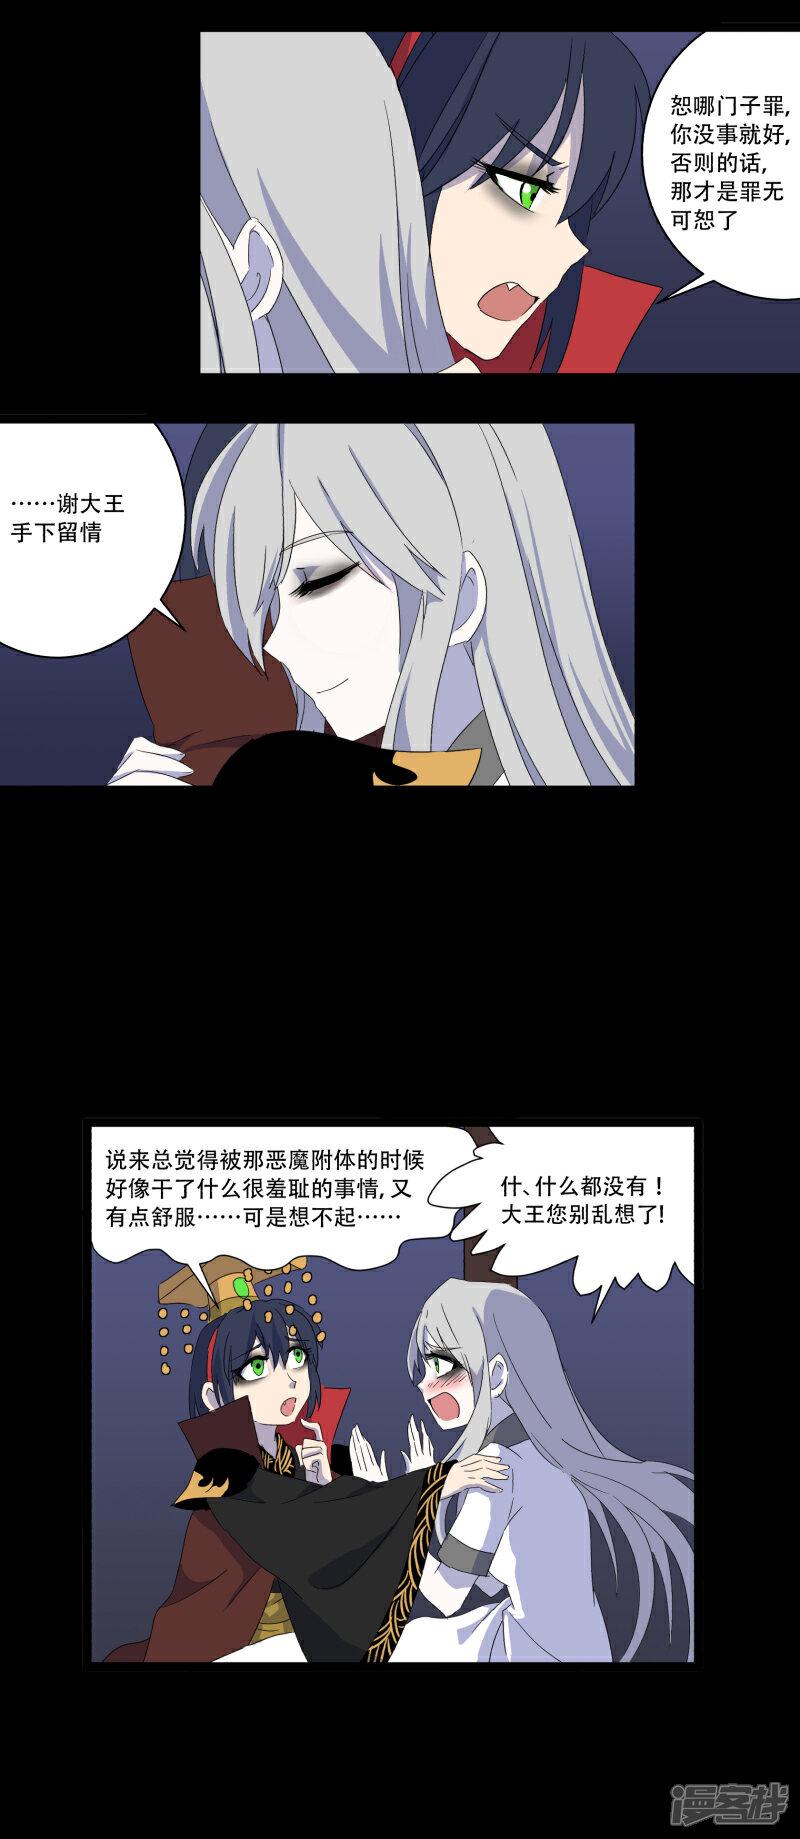 阎王不高兴漫画 第12话 漫客栈